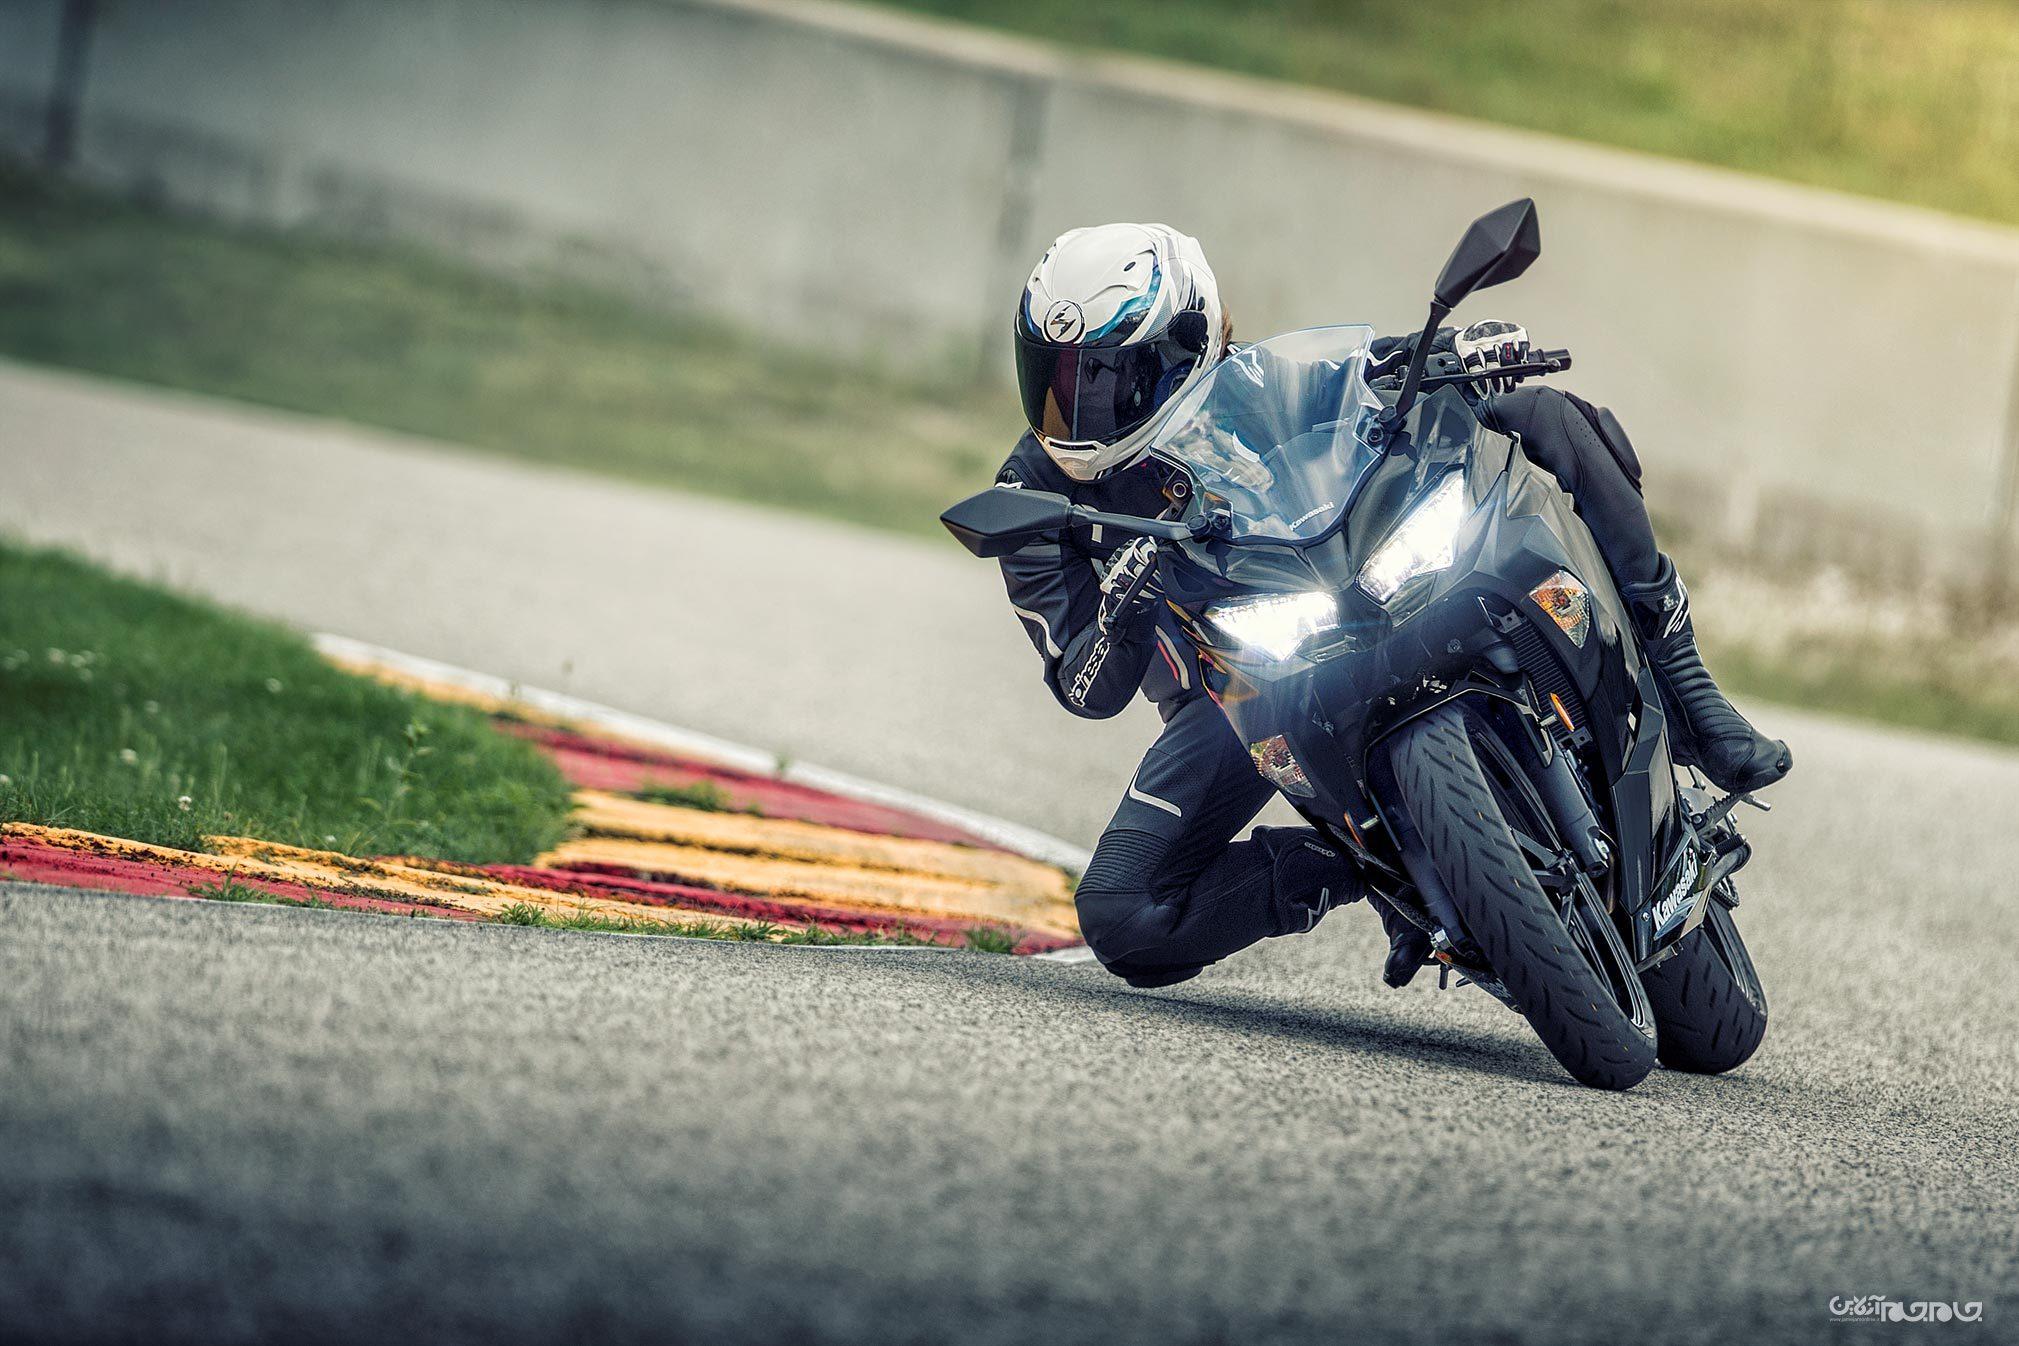 حفظ تعادل موتورسیکلت؛ با فناوری پرتاب موشک+عکس